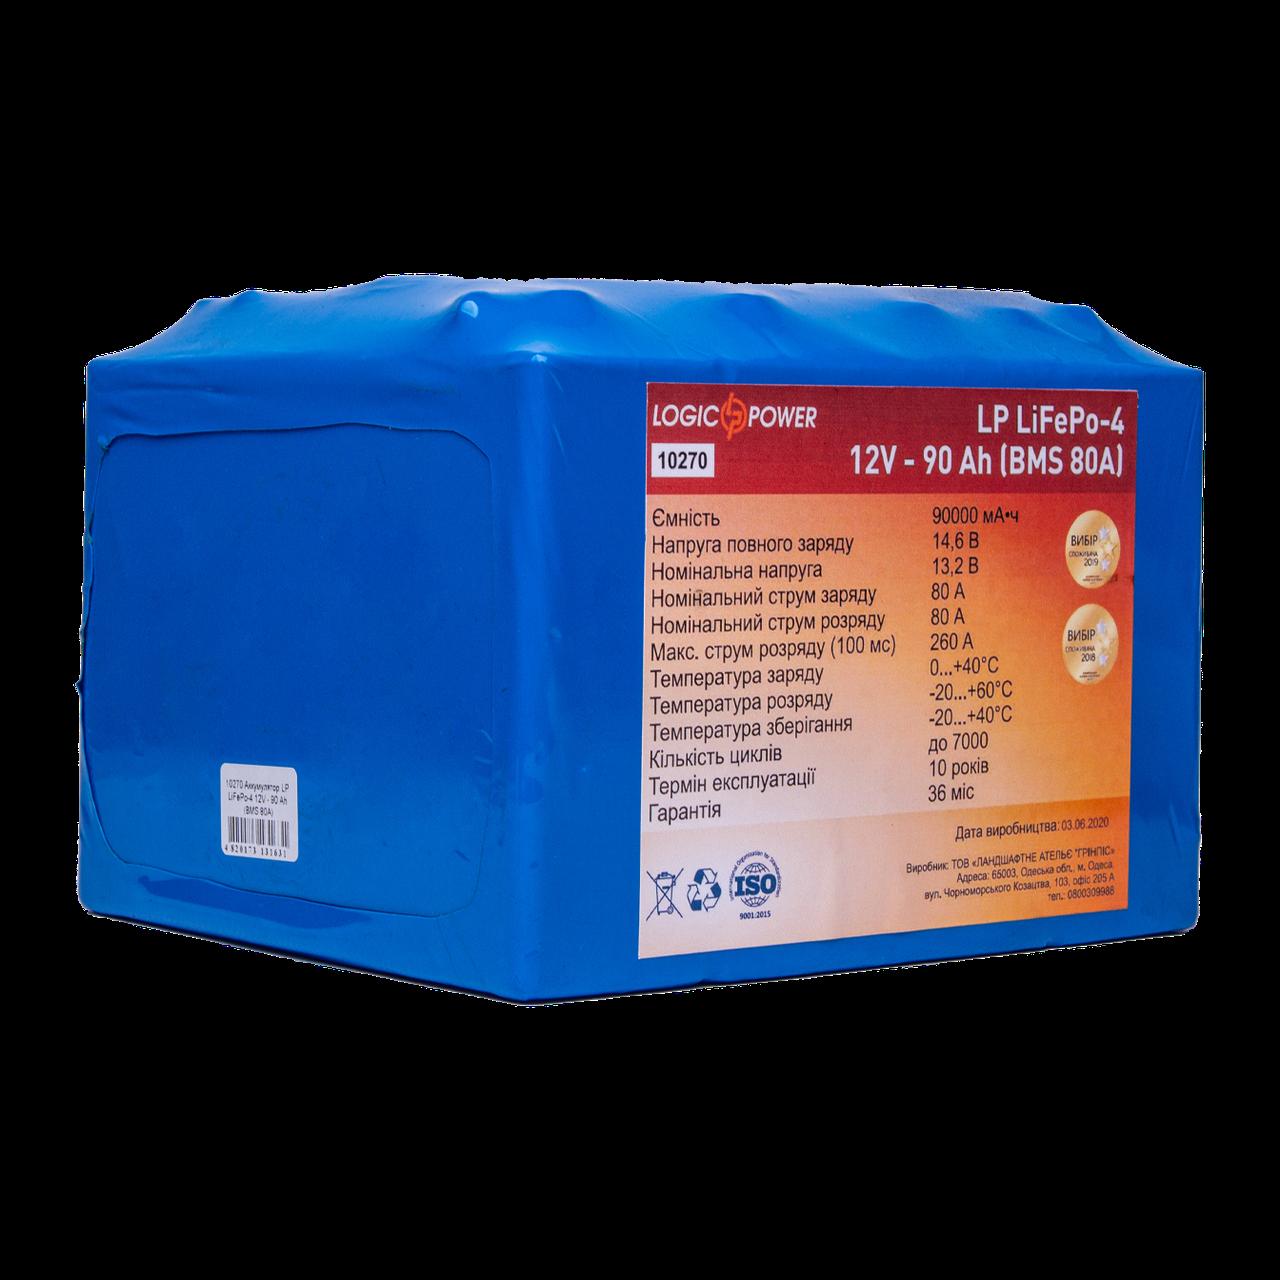 Аккумуляторная батарея LP LiFePo-4 12V - 90 Ah (BMS 80A) для солнечной энергетики